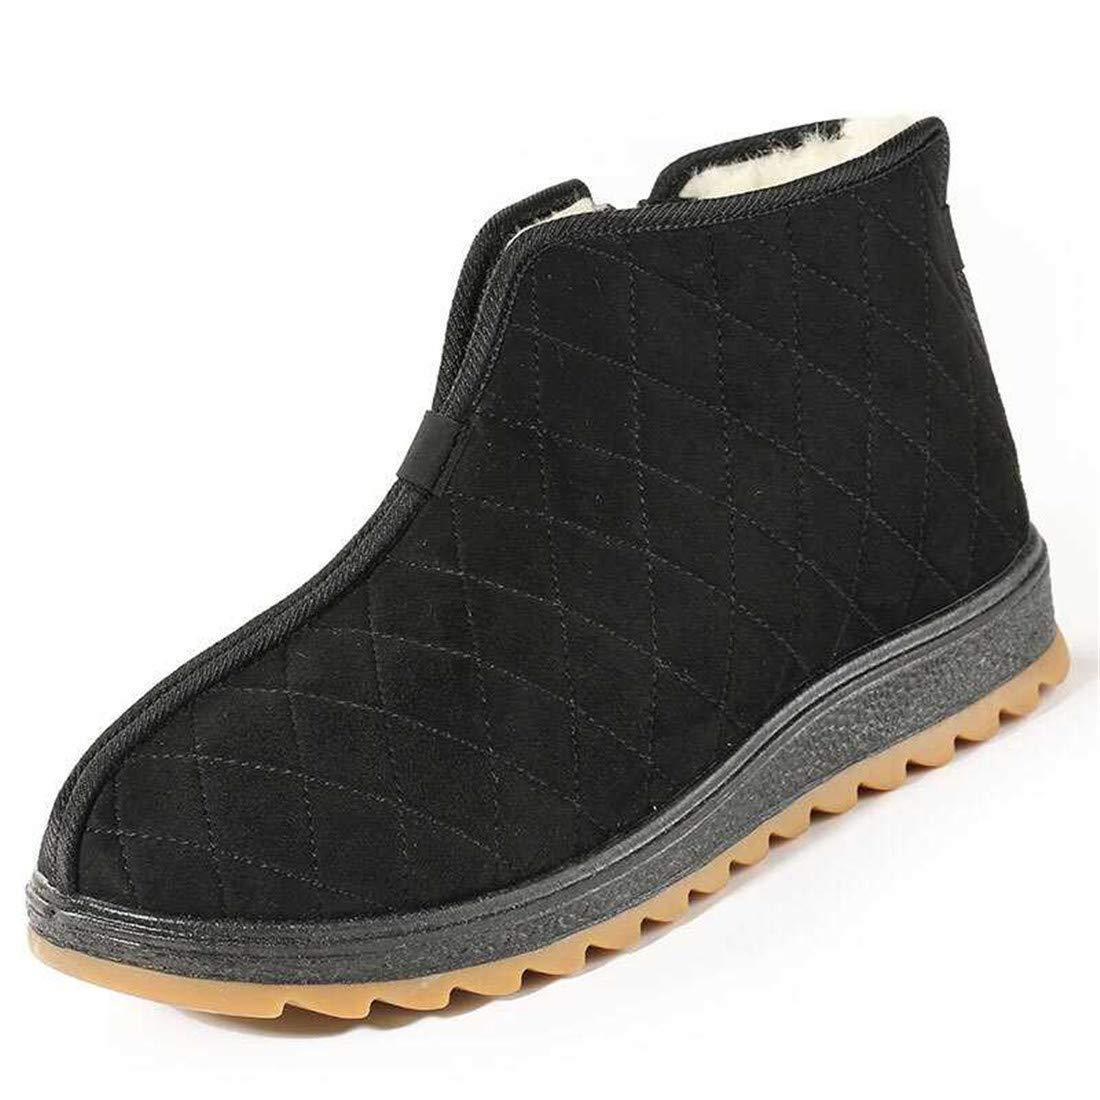 A CAI&HONG-Domestics GHH Vieux Beijing Chaussures en Tissu Hommes Chaussures en Coton Plus Velours